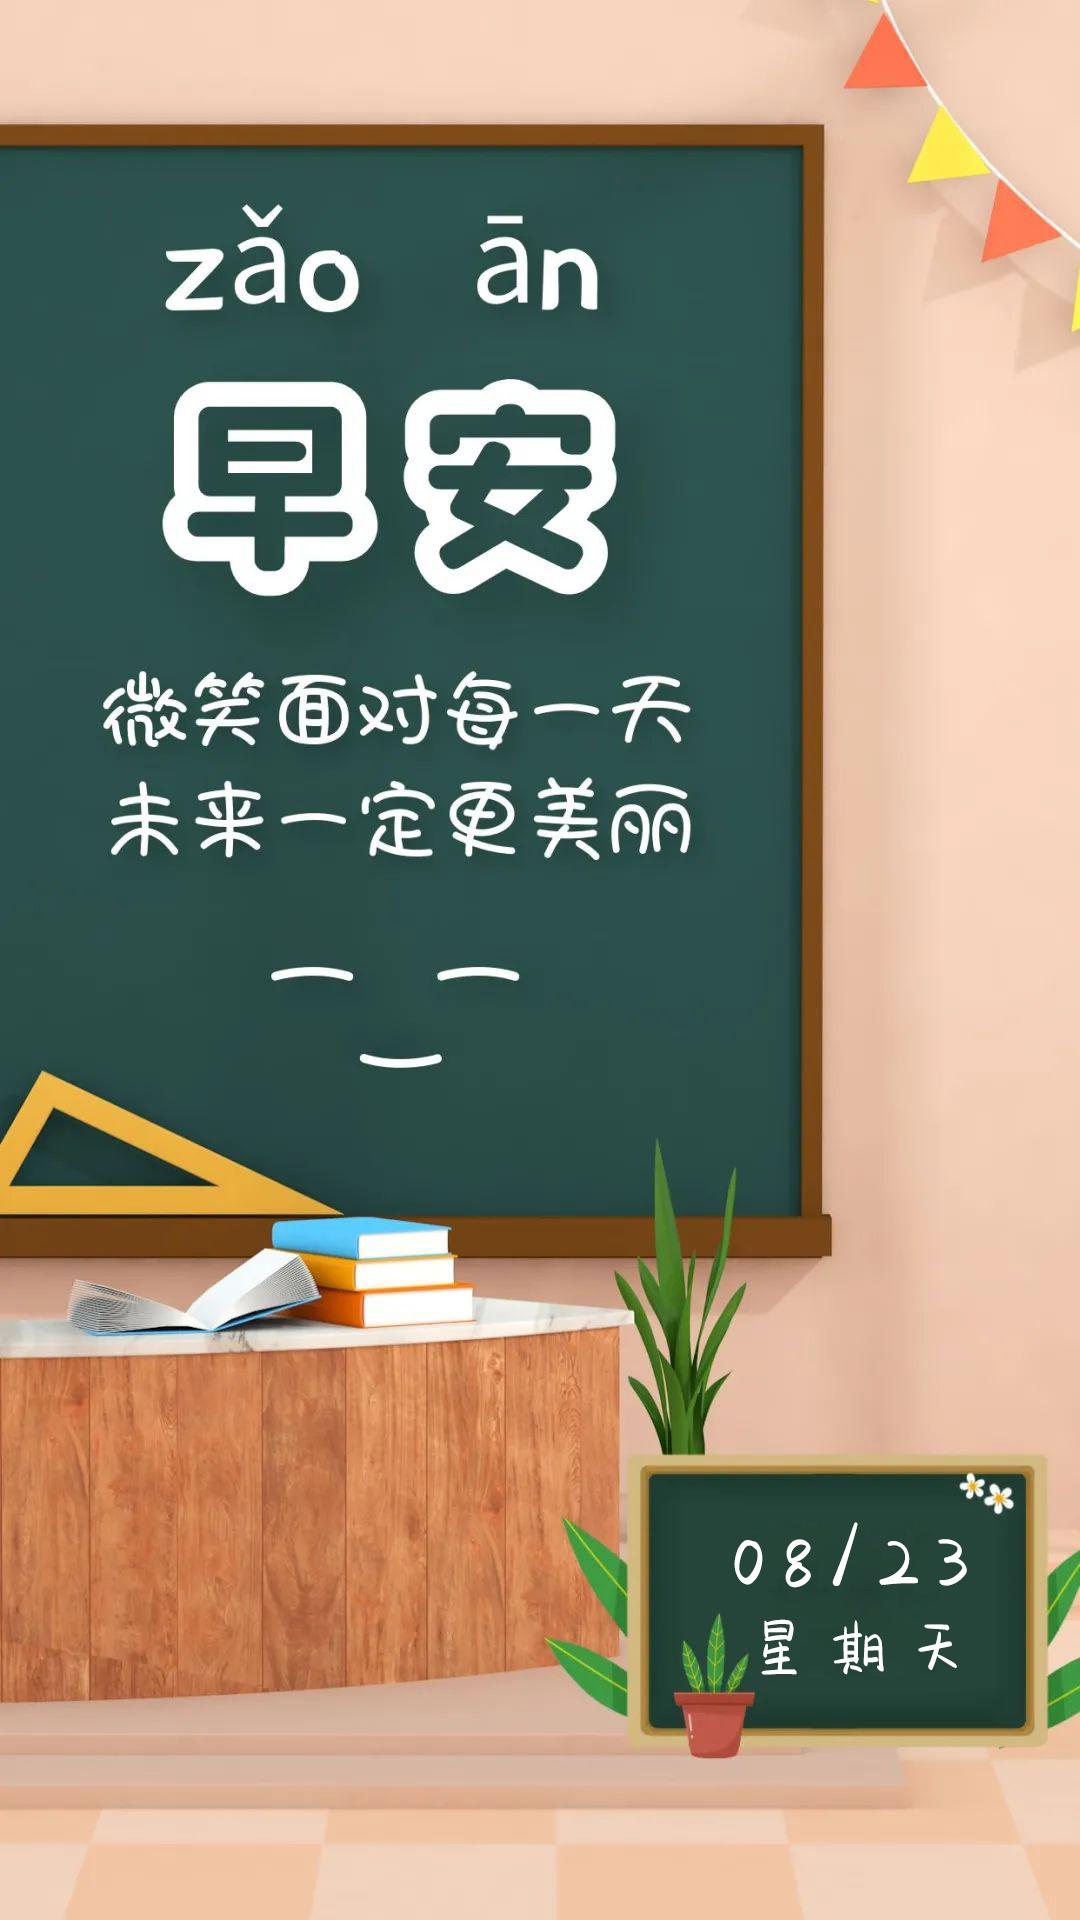 正能量周末早上好祝福语句图片:做好自己,热爱生活!